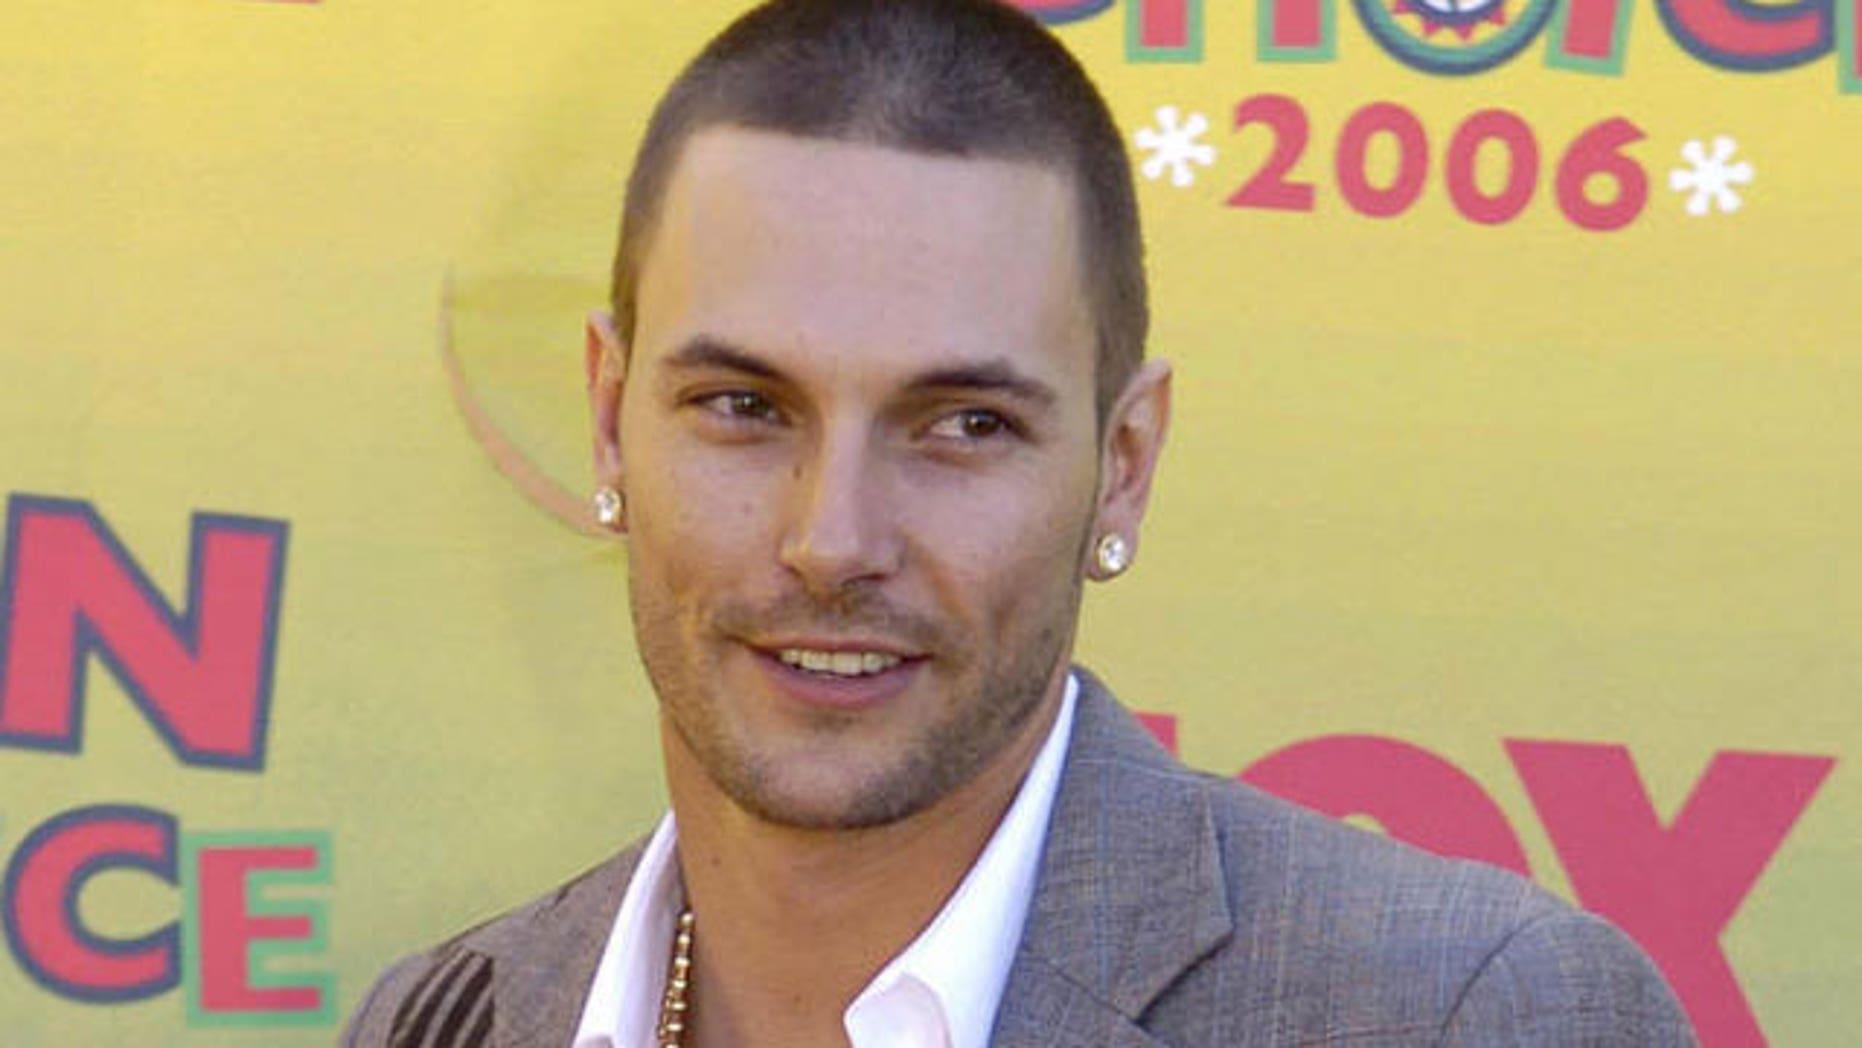 Britney Spears' ex-husband, Kevin Federline (AP).